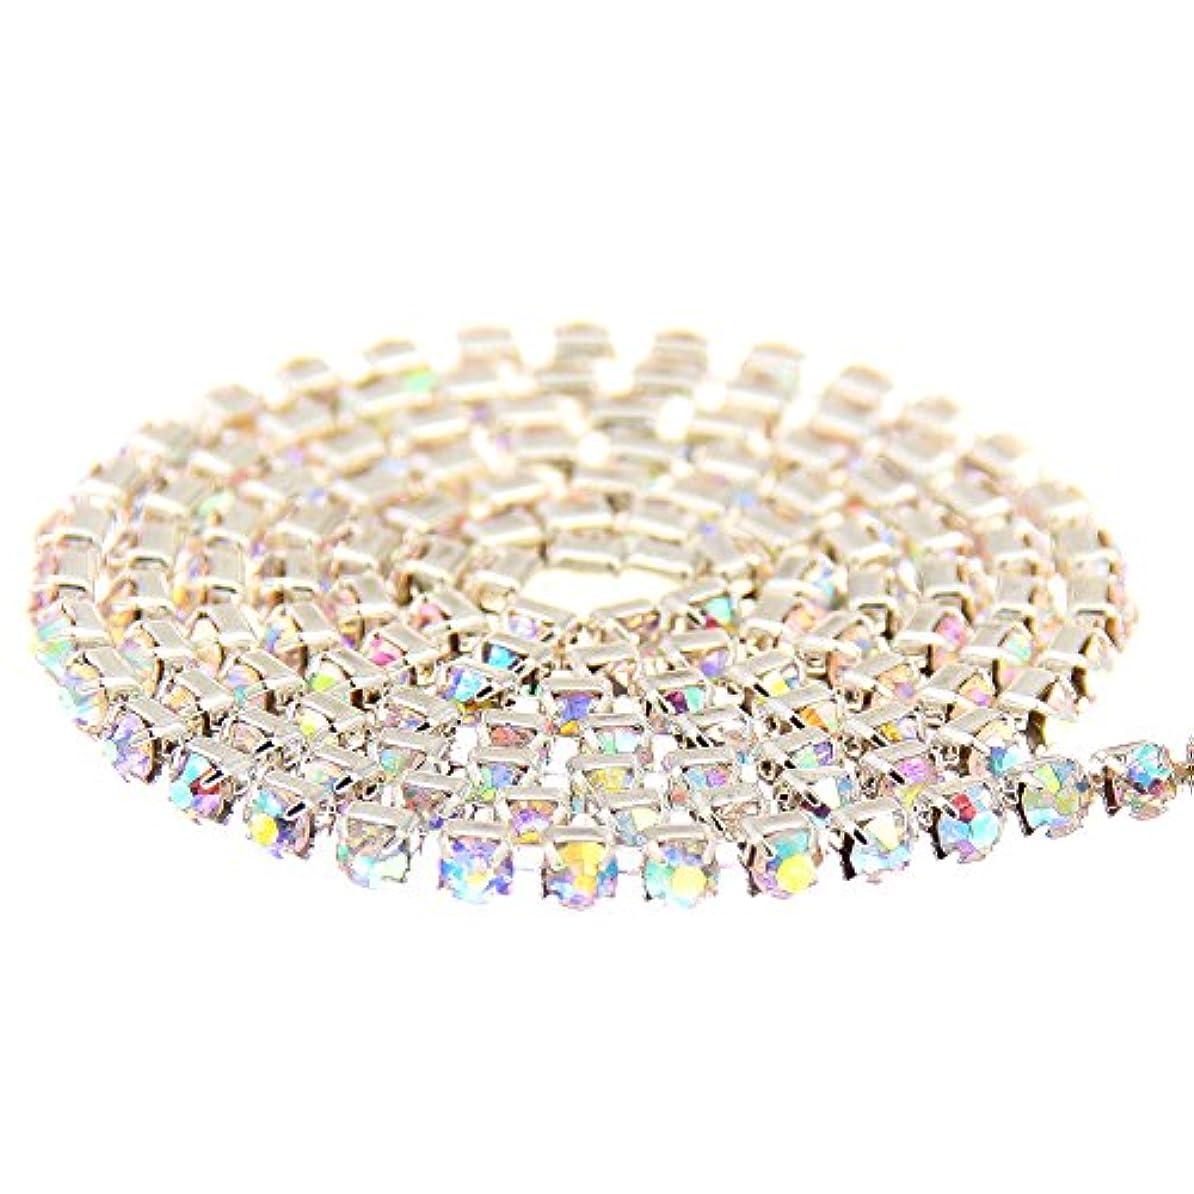 シェフ浮く凍るNizi Jewelry ストラスラインストーンチェーン:銅カップチェーン+ AAAグレードのガラスの尖った底ラインストーン(SS12(3ミリメートル)約5M、27クリスタルオーロラ+シルバーベース)